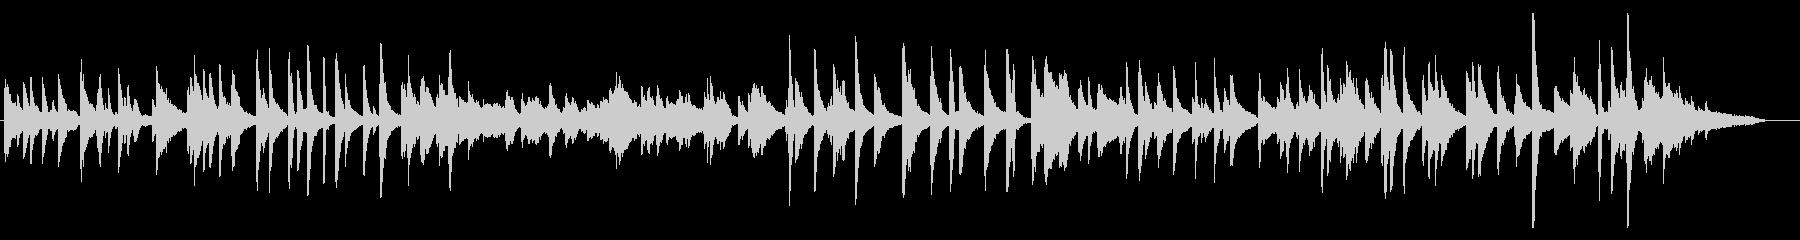 クールでjazzyな明るめピアノバラードの未再生の波形